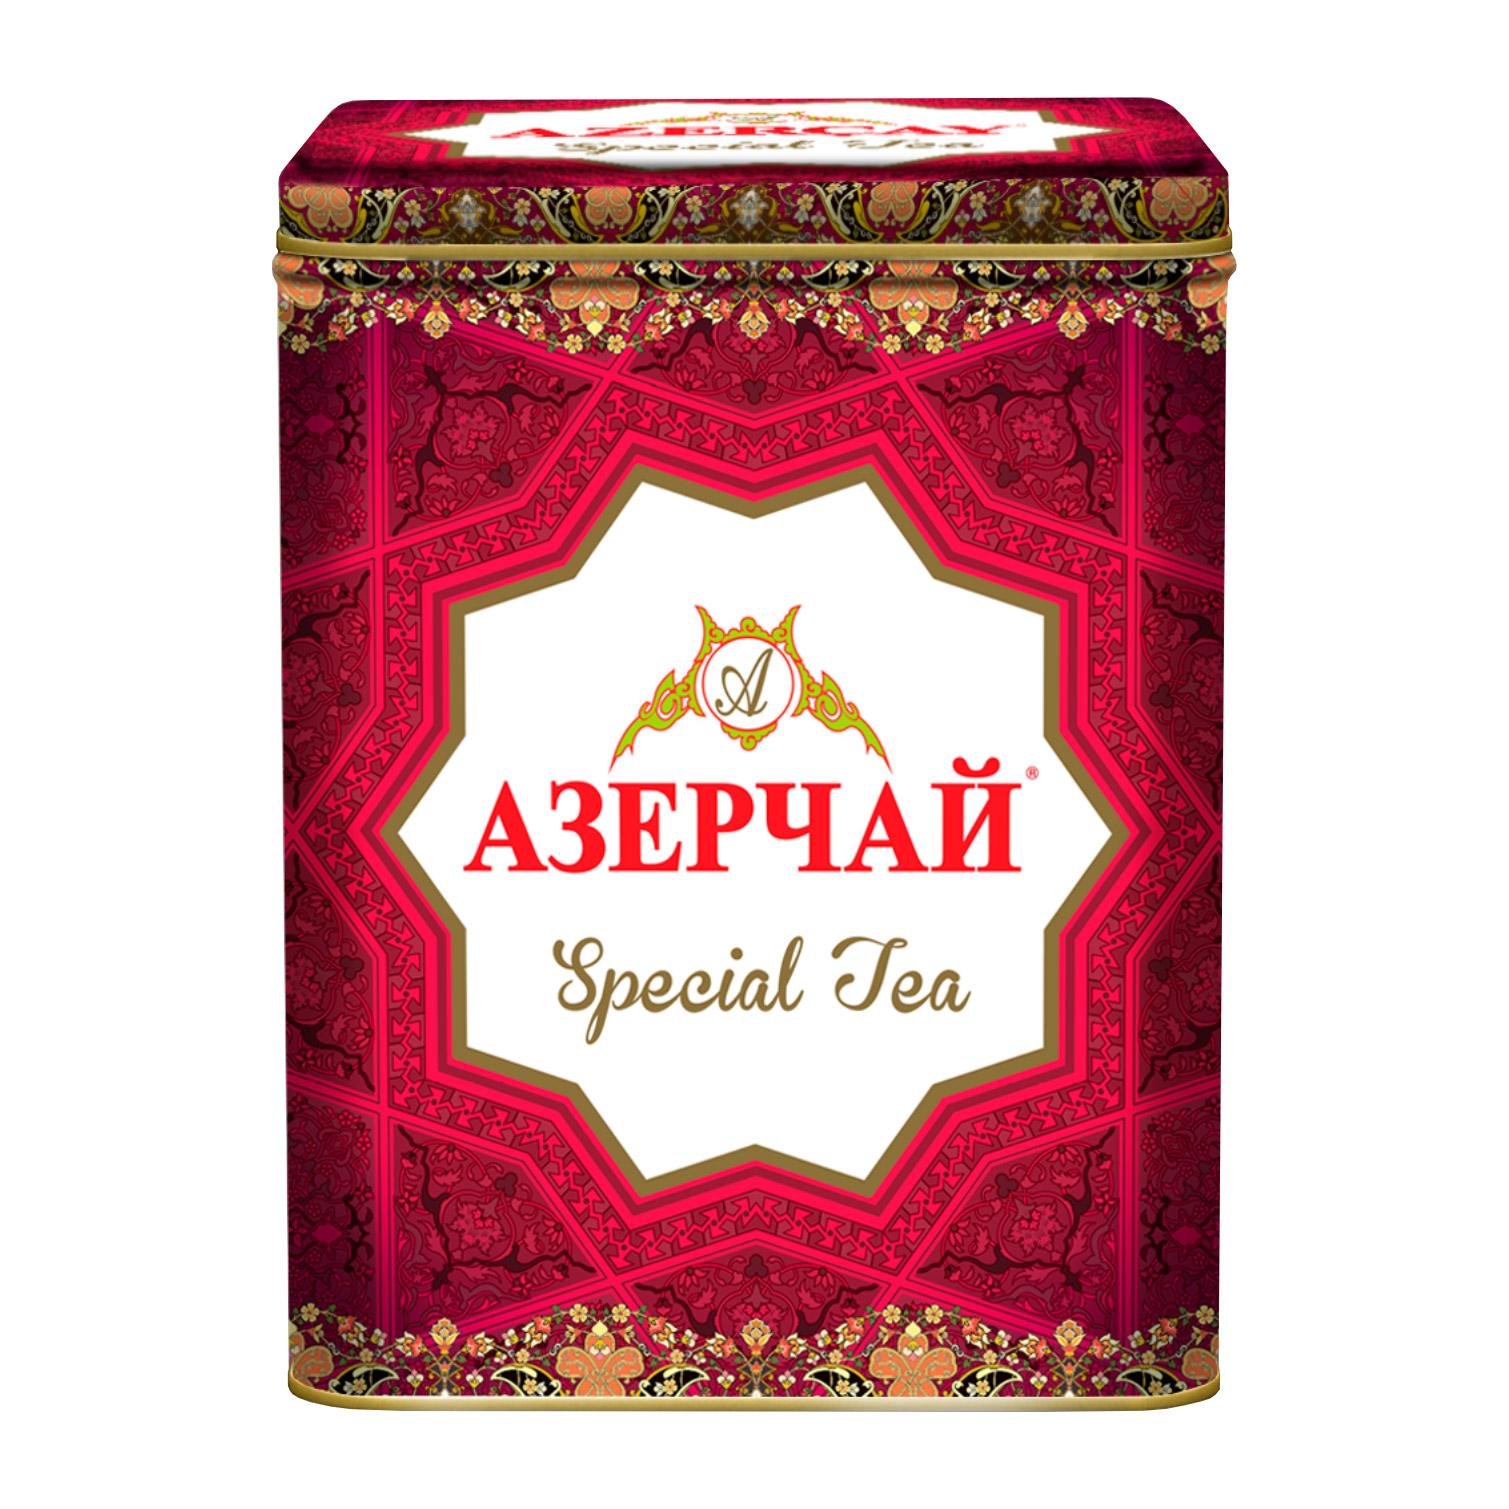 Фото - Чай Черный Азерчай Специальный Красный 200 г чай черный азерчай специальный с белым узором 200 г